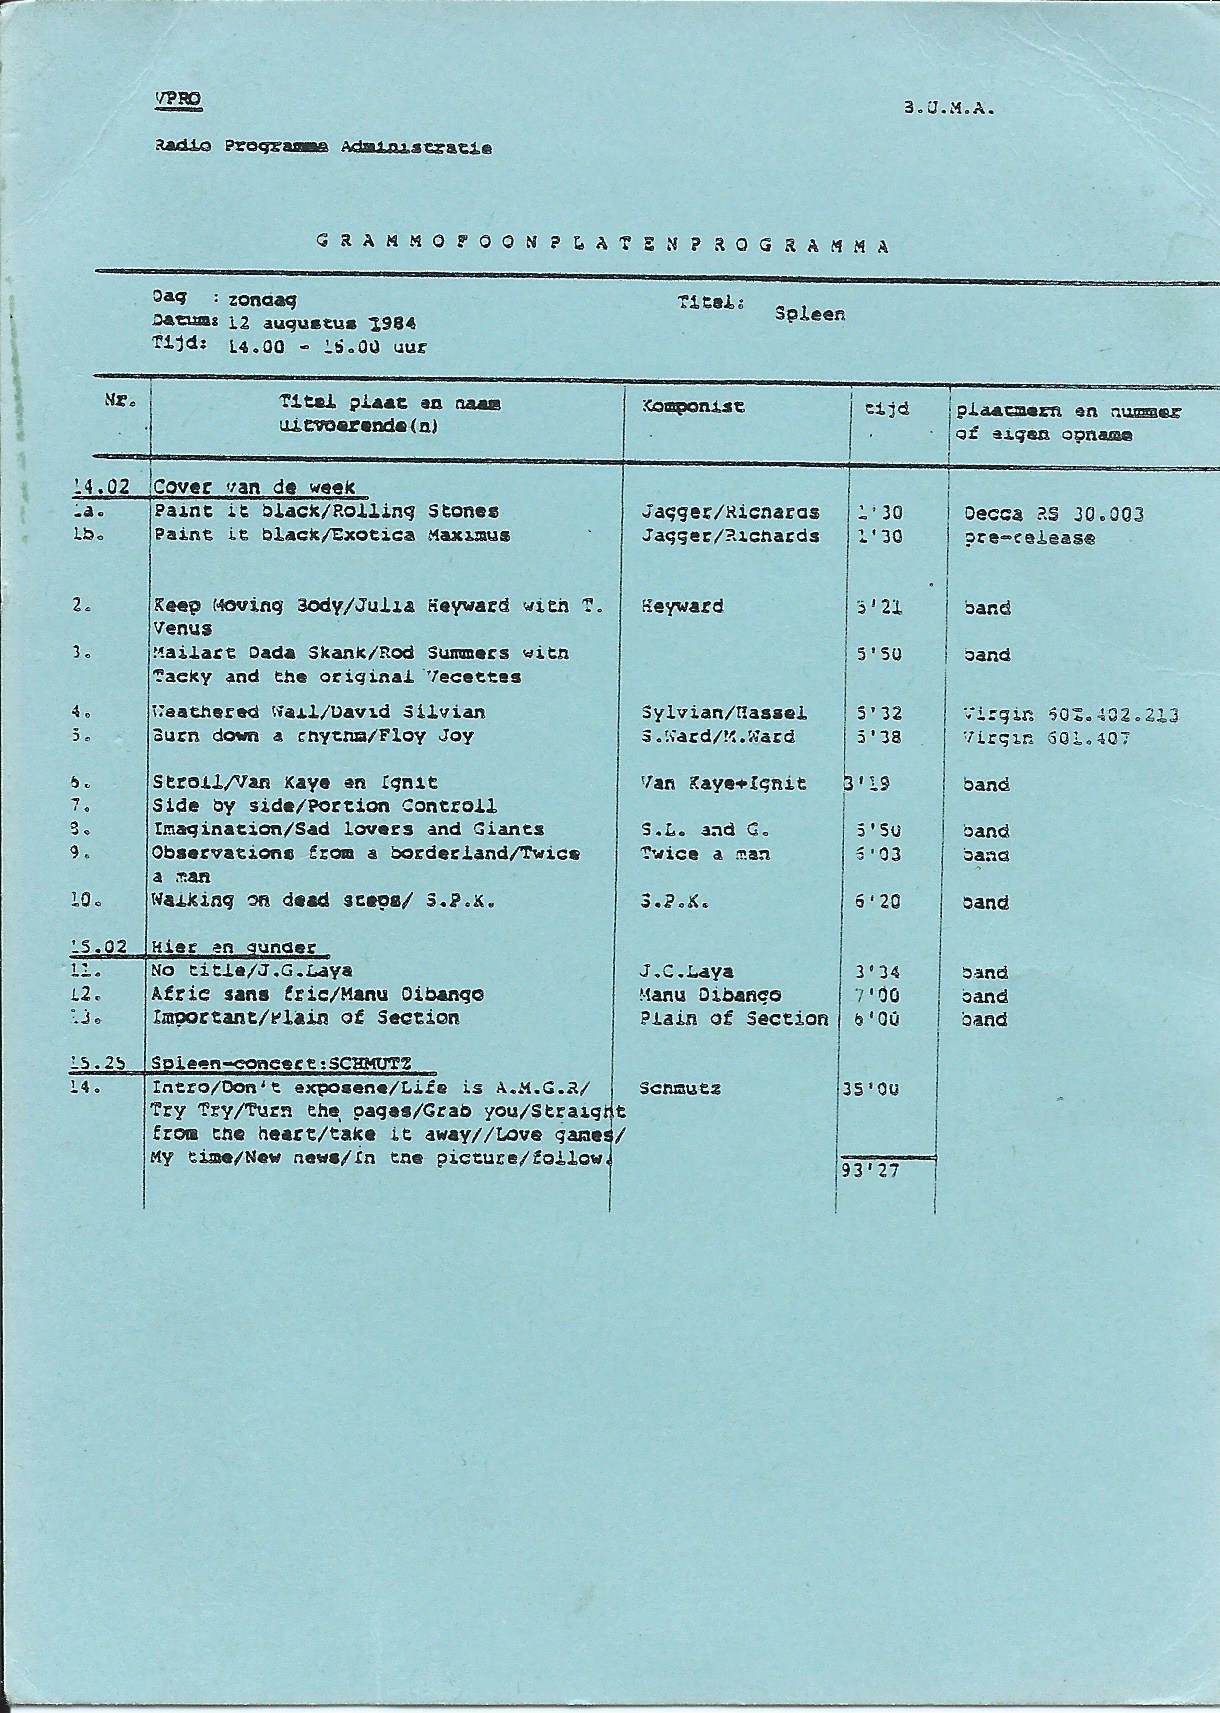 SPLEEN 12 augustus 1984 schmutz